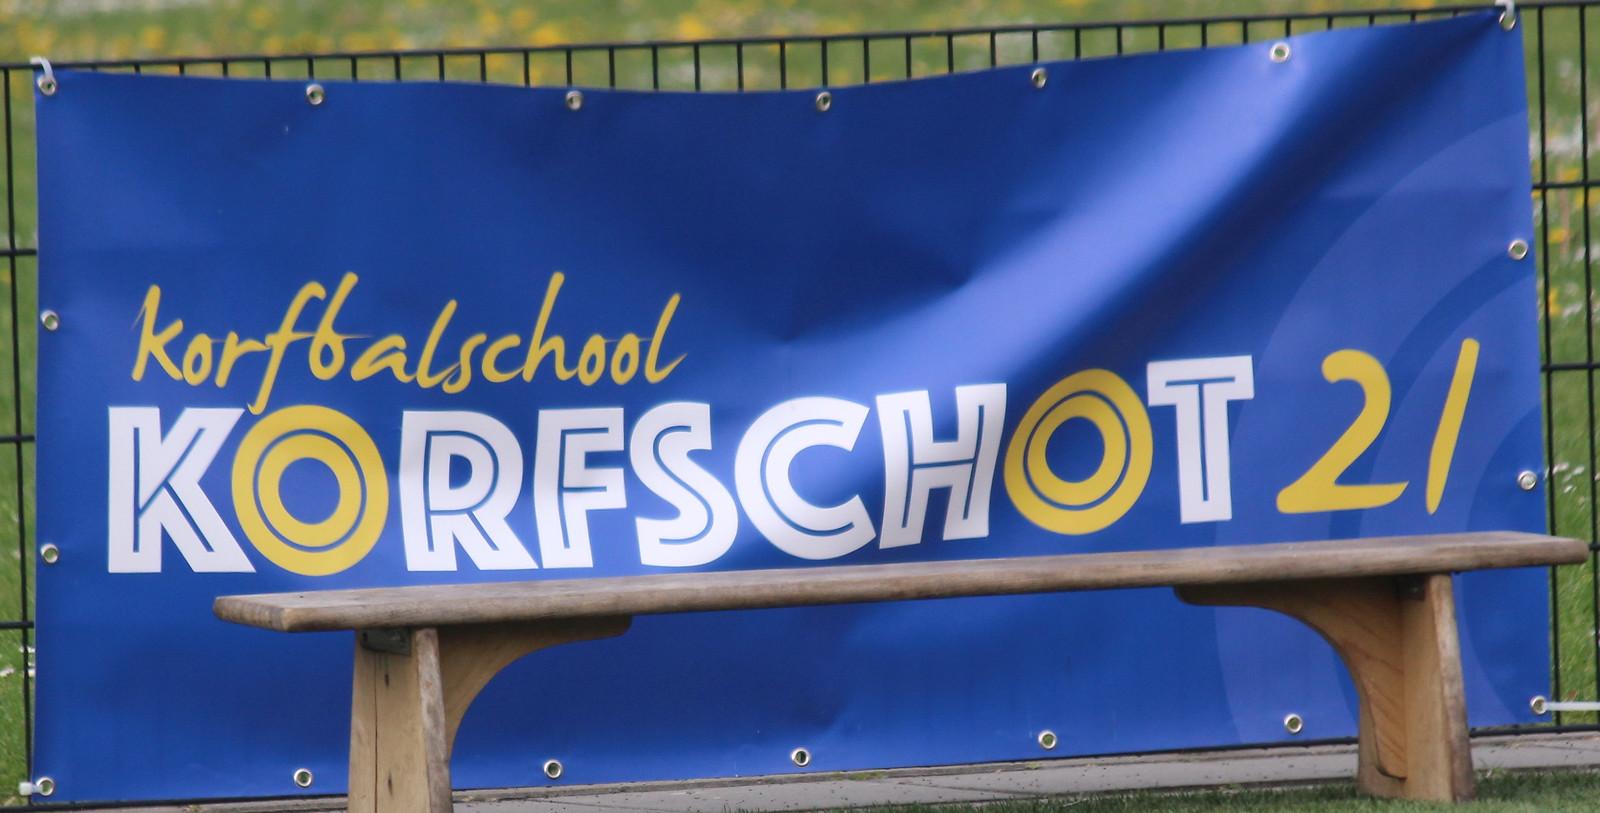 Korfschot21